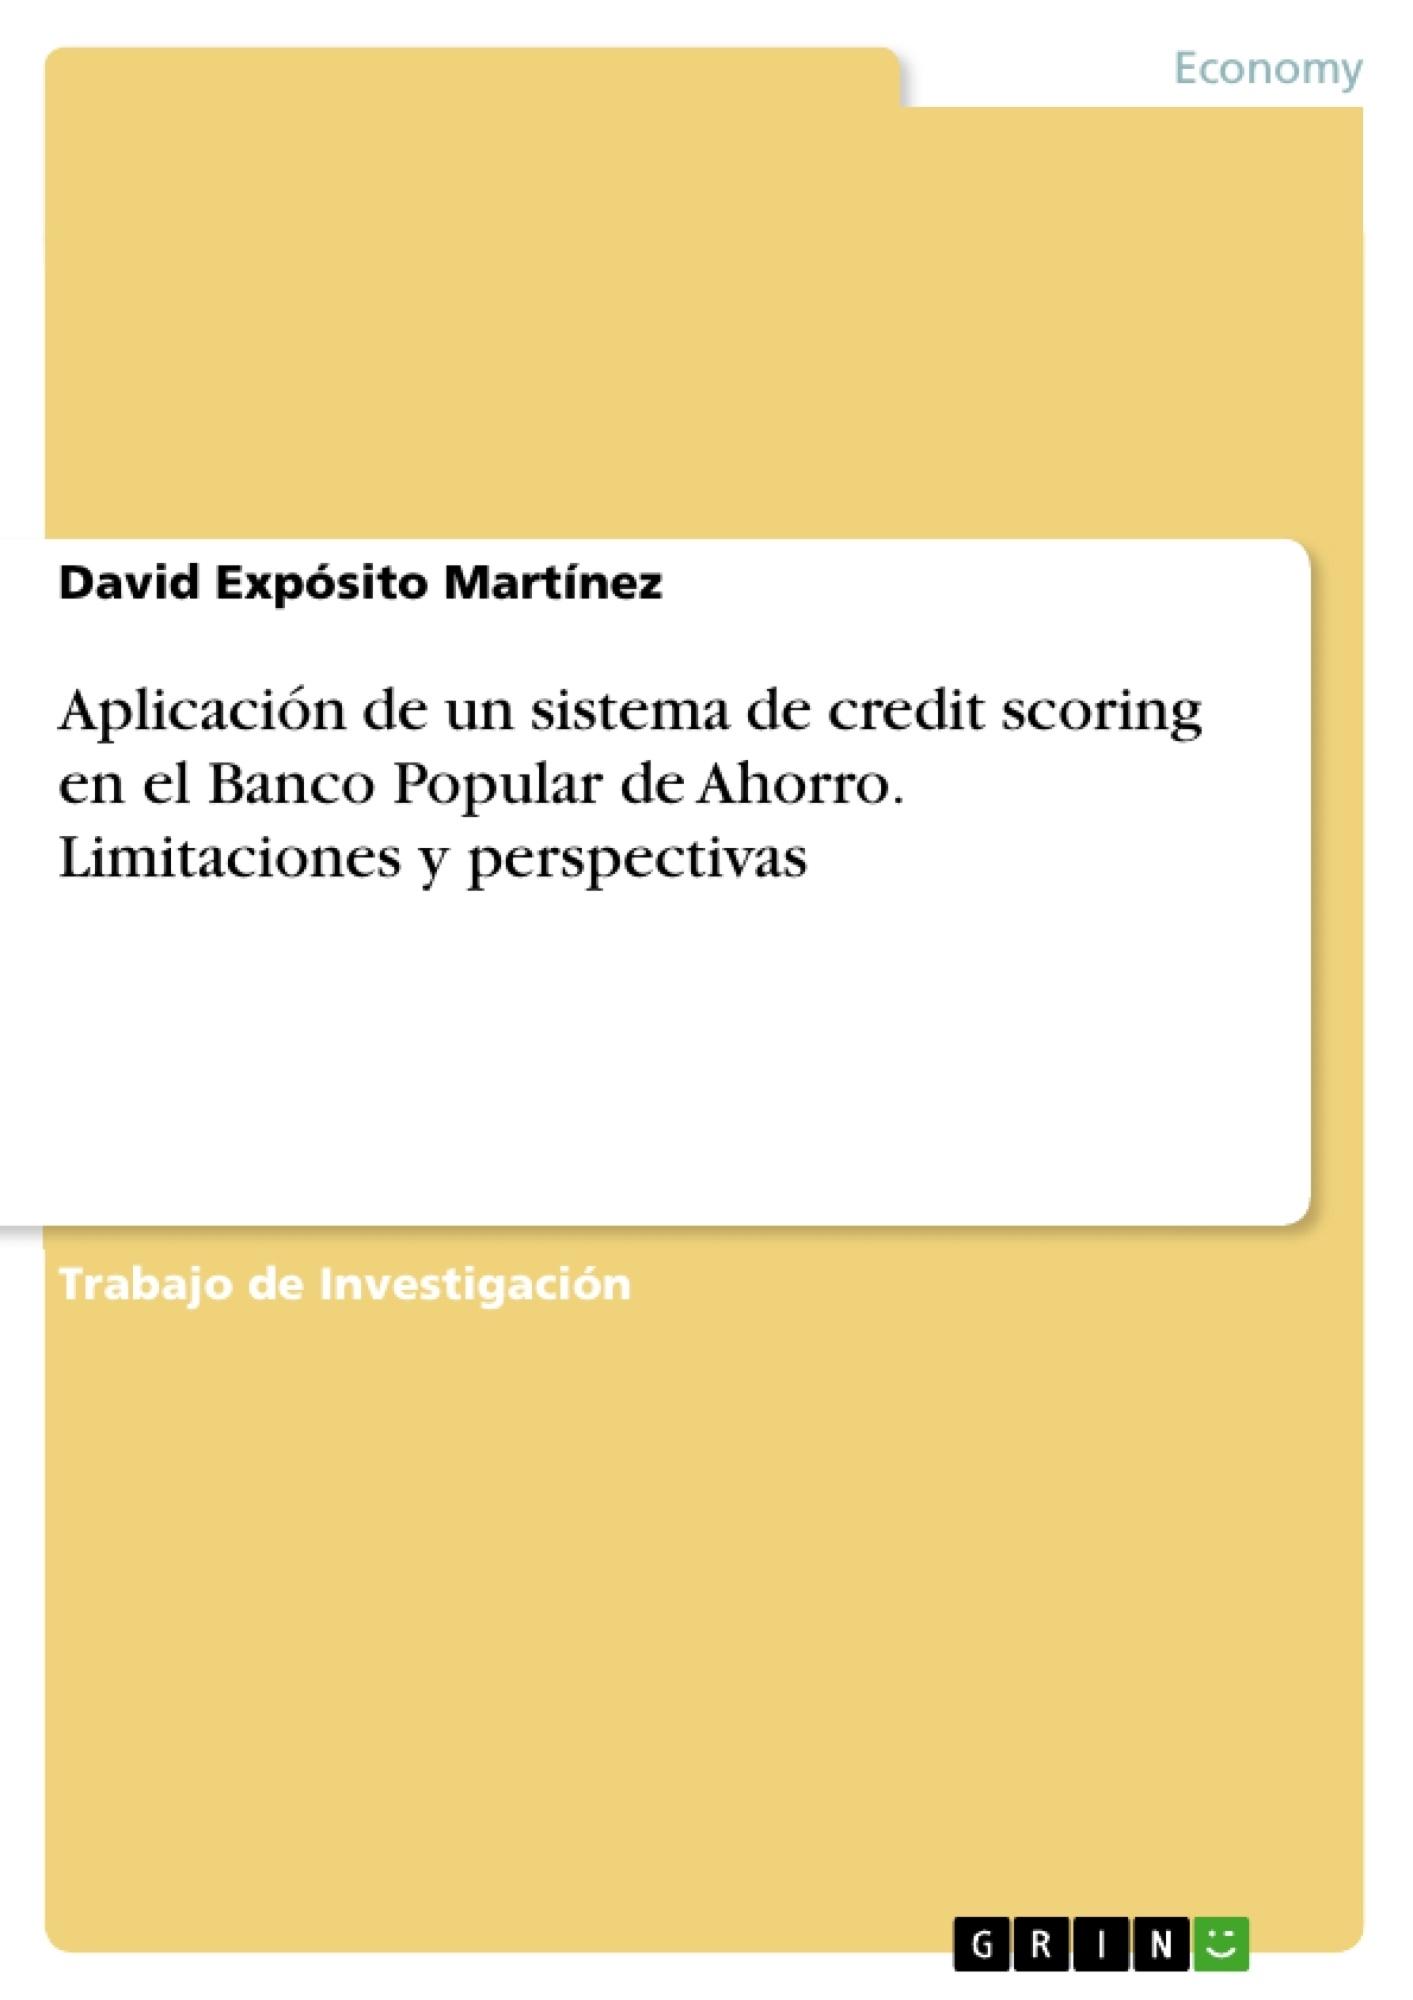 Título: Aplicación de un sistema de credit scoring en el Banco Popular de Ahorro. Limitaciones y perspectivas